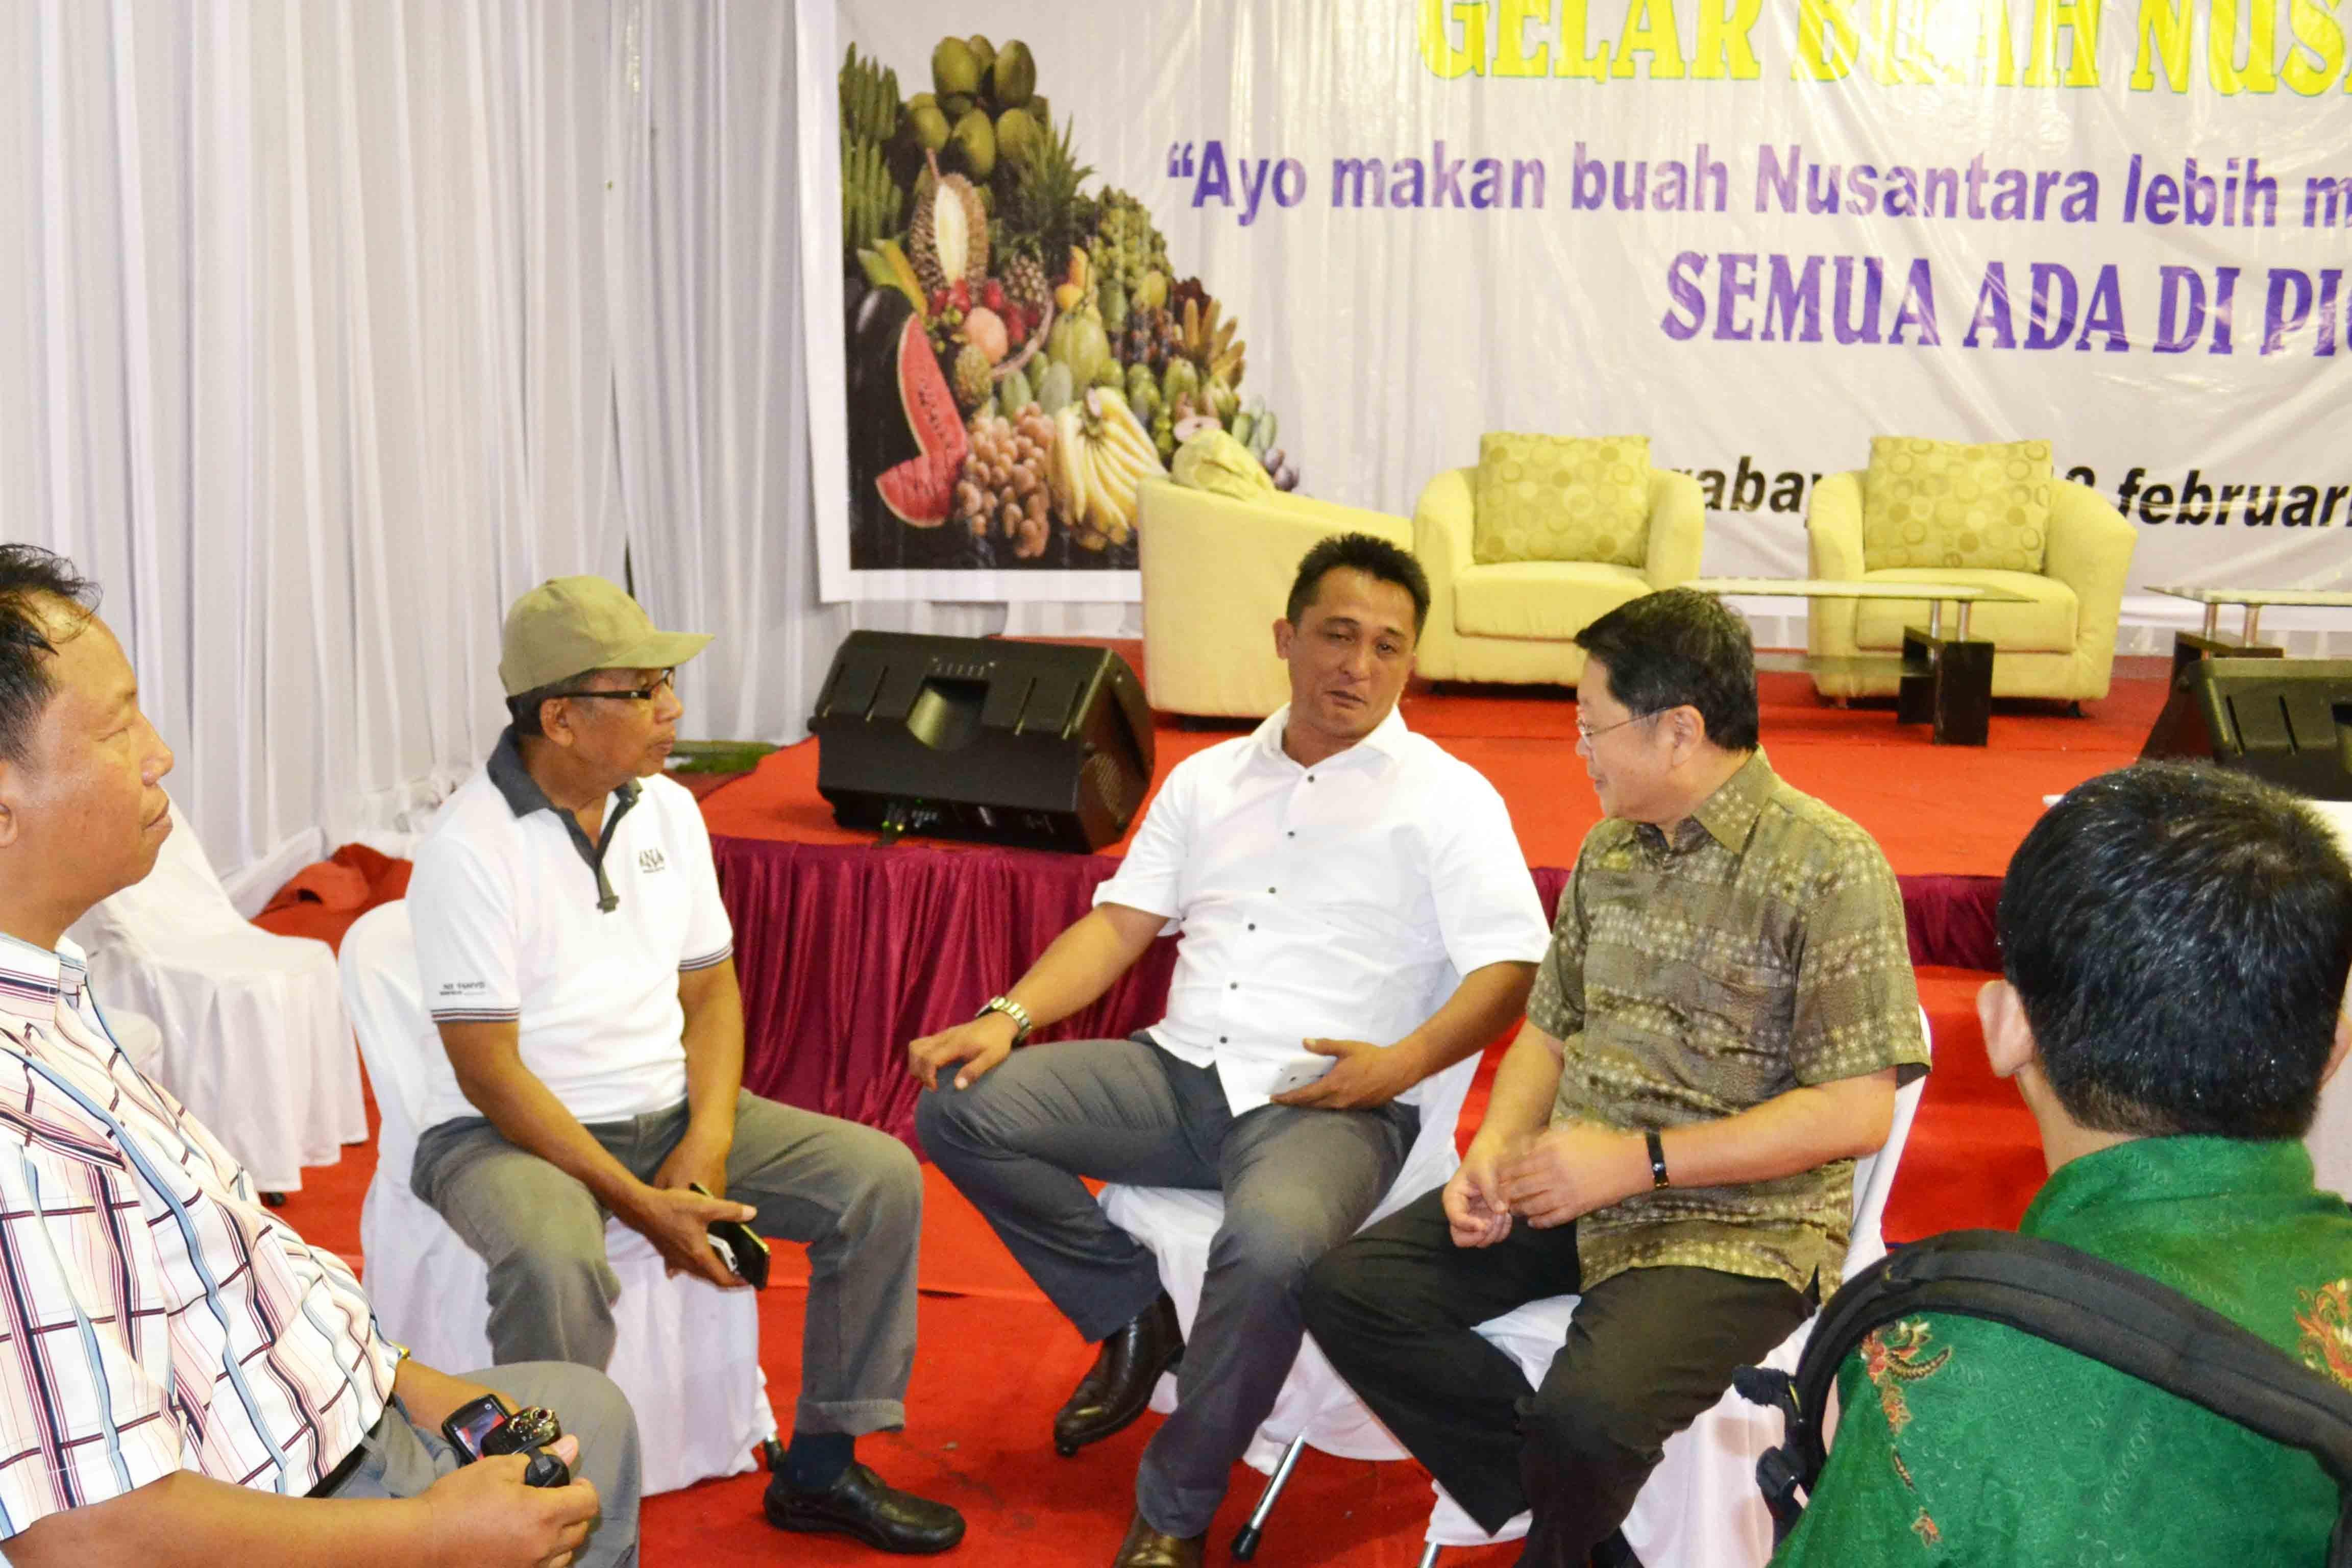 Gelar Buah Nusantara , Di Pasar Induk Osowilangun Surabaya